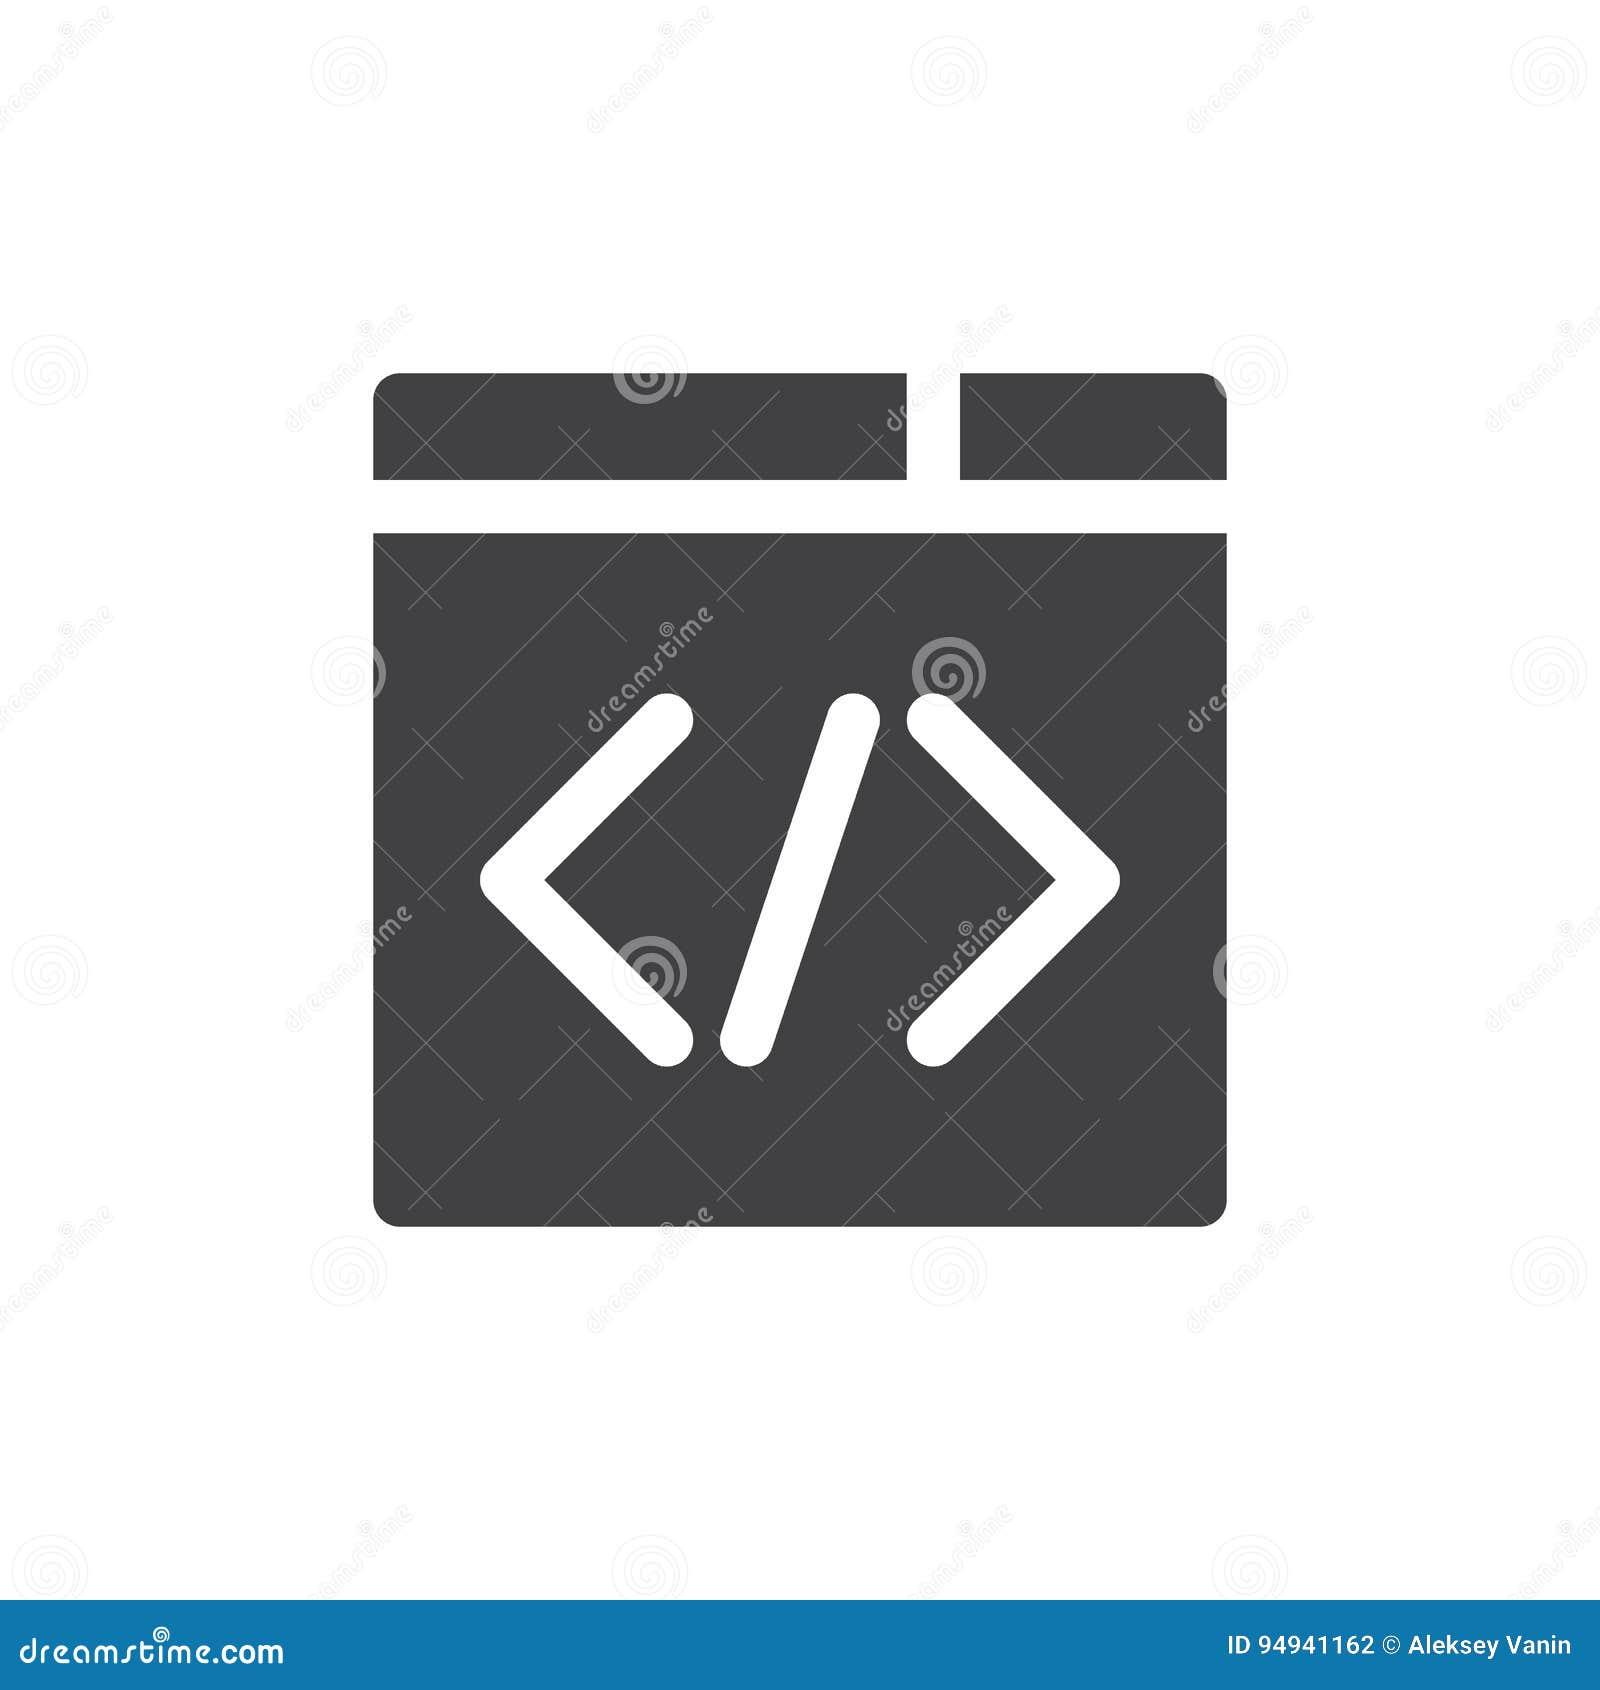 Symbolsvektor för beställnings- kod, fyllt plant tecken, fast pictogram som isoleras på vit